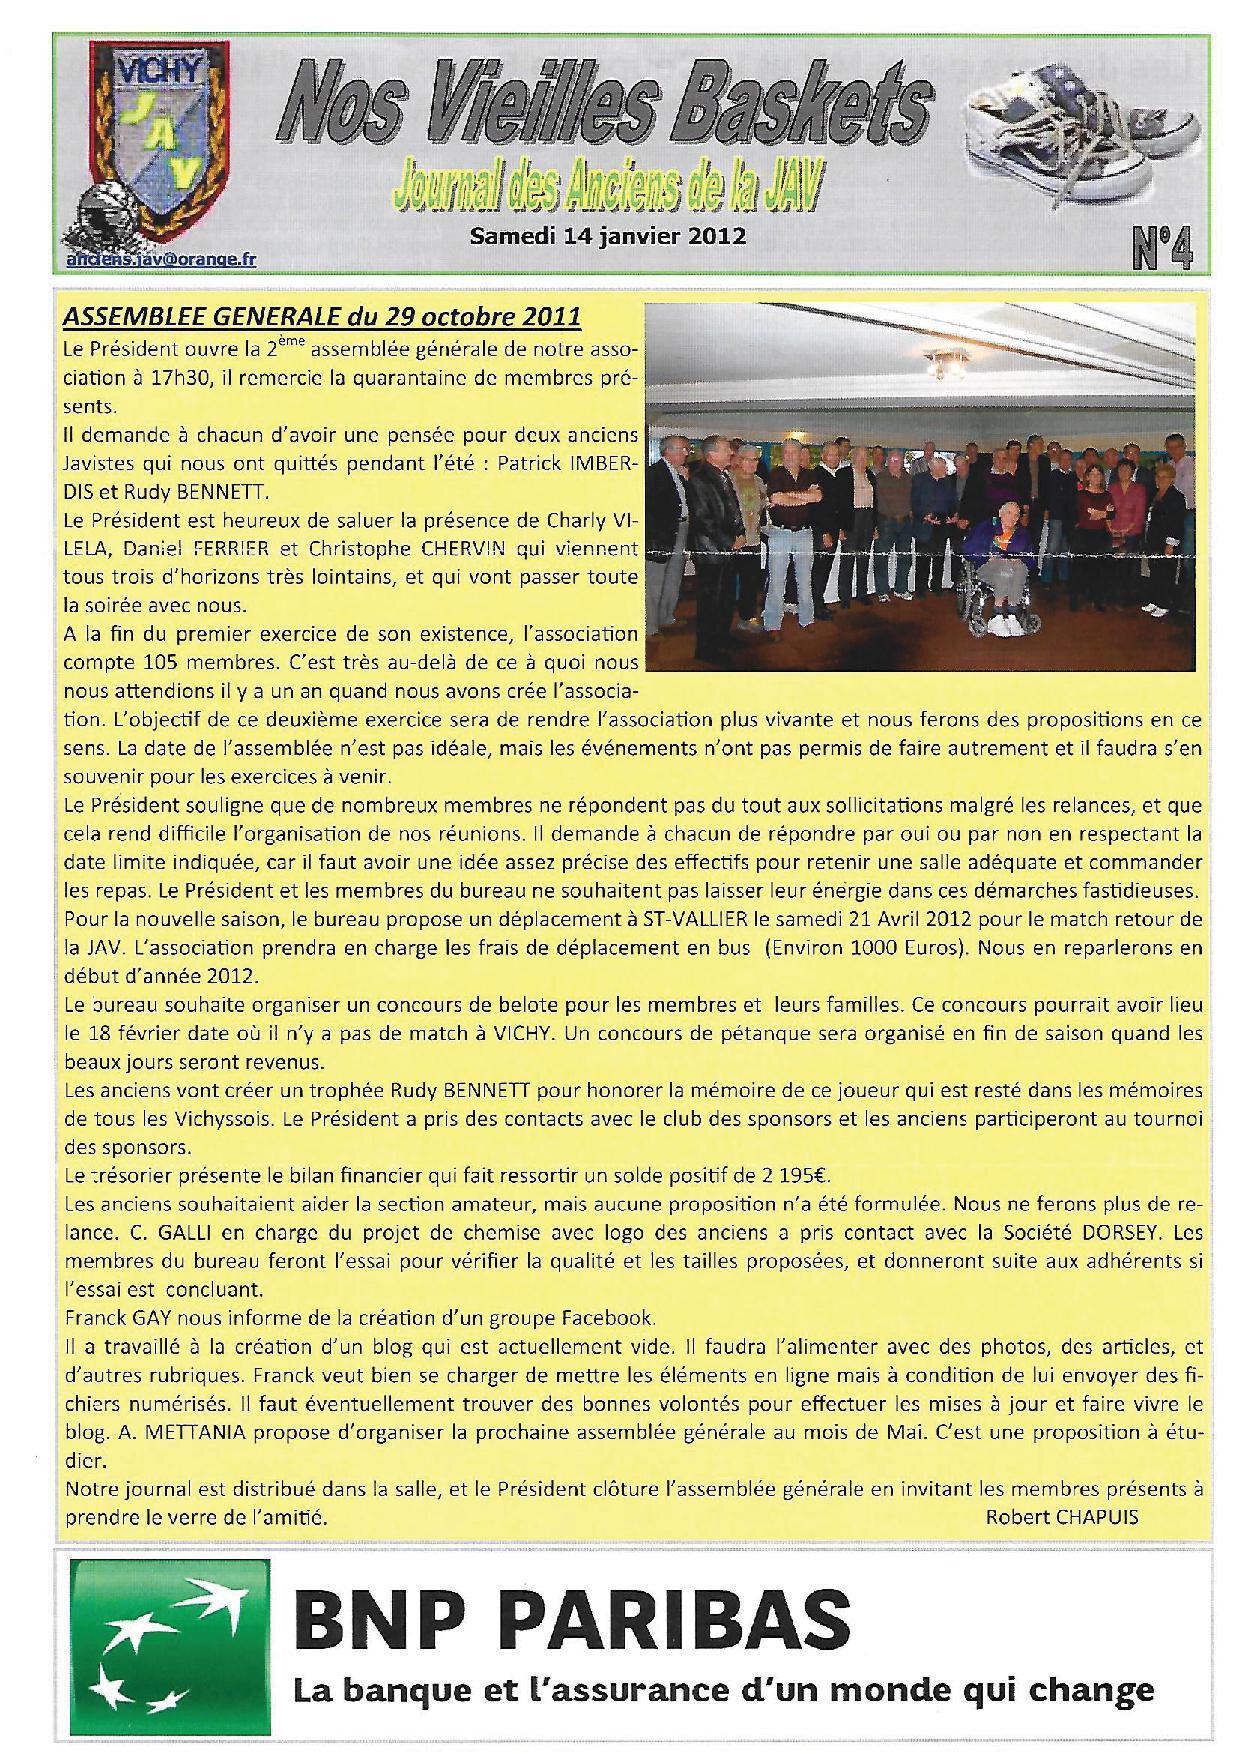 Les Vieilles Baskets-04_2012-01-141